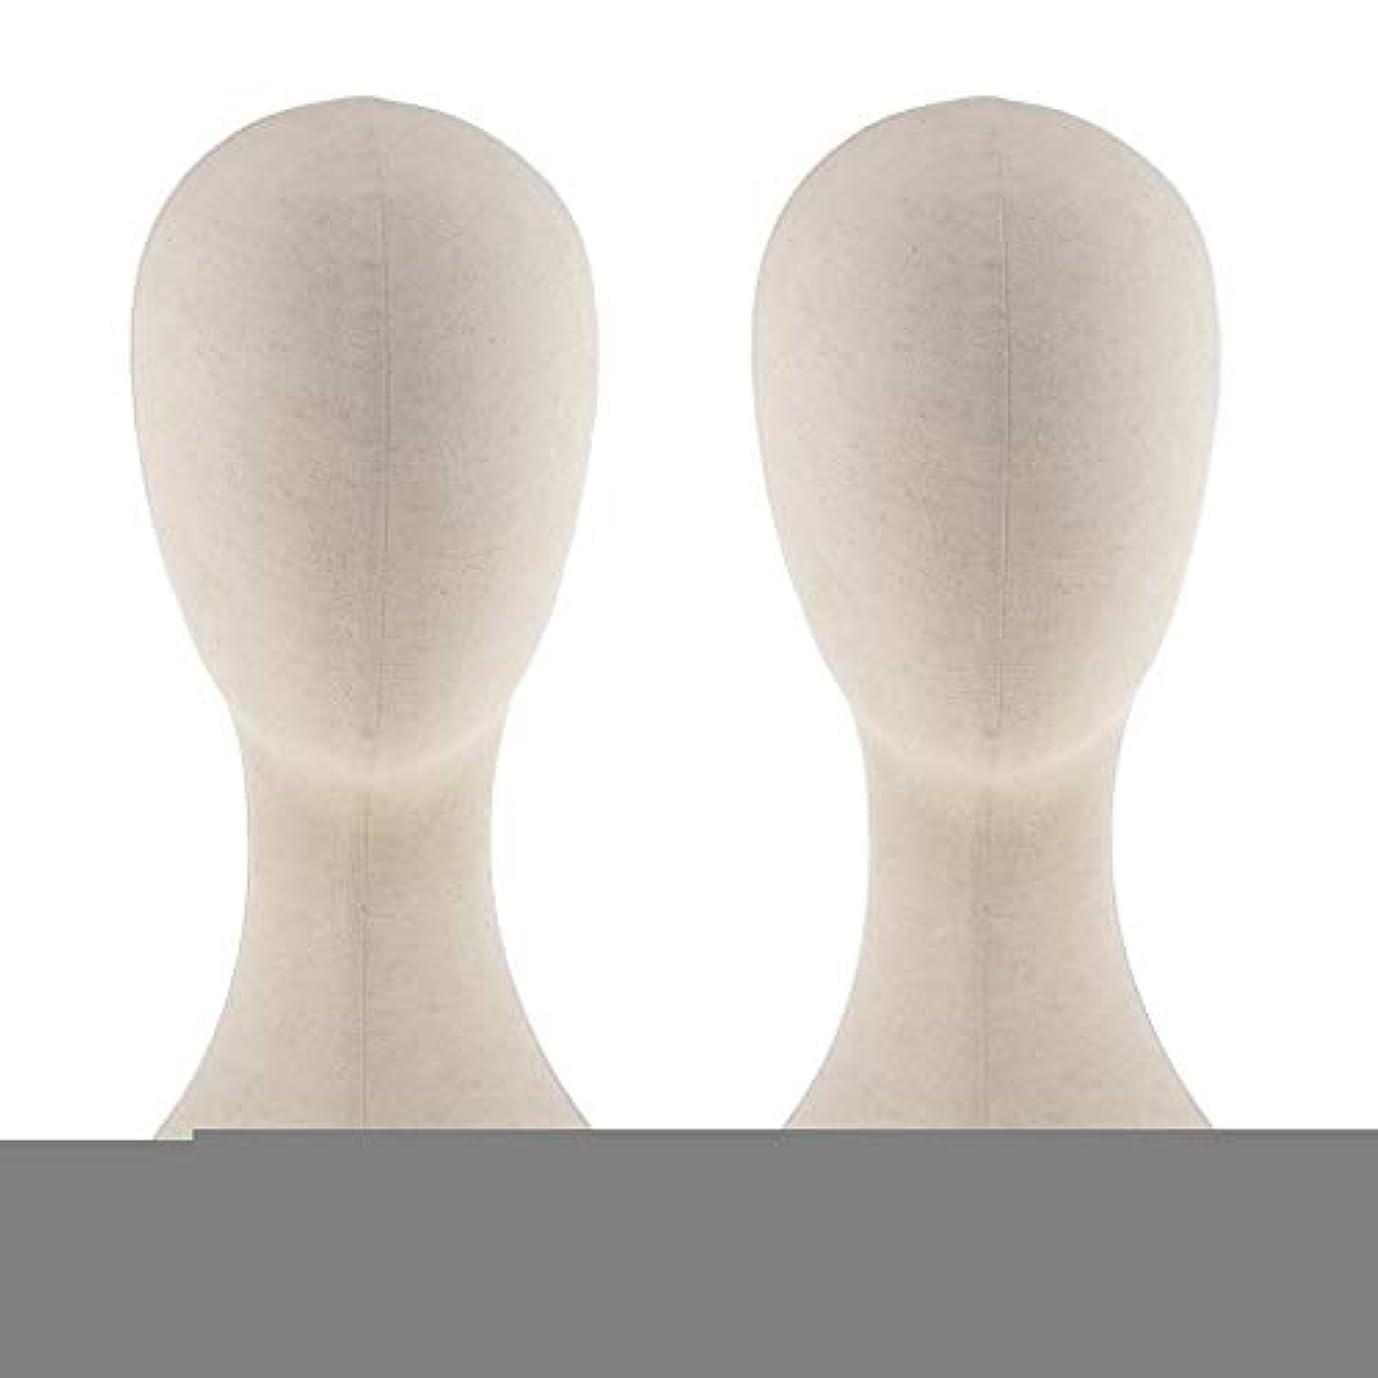 ブレス有能な悪性のT TOOYFUL キャンバス マネキン ヘッド トルソー 頭 カット練習 頭部 女性 ウィッグマネキン ウィッグスタンド2個